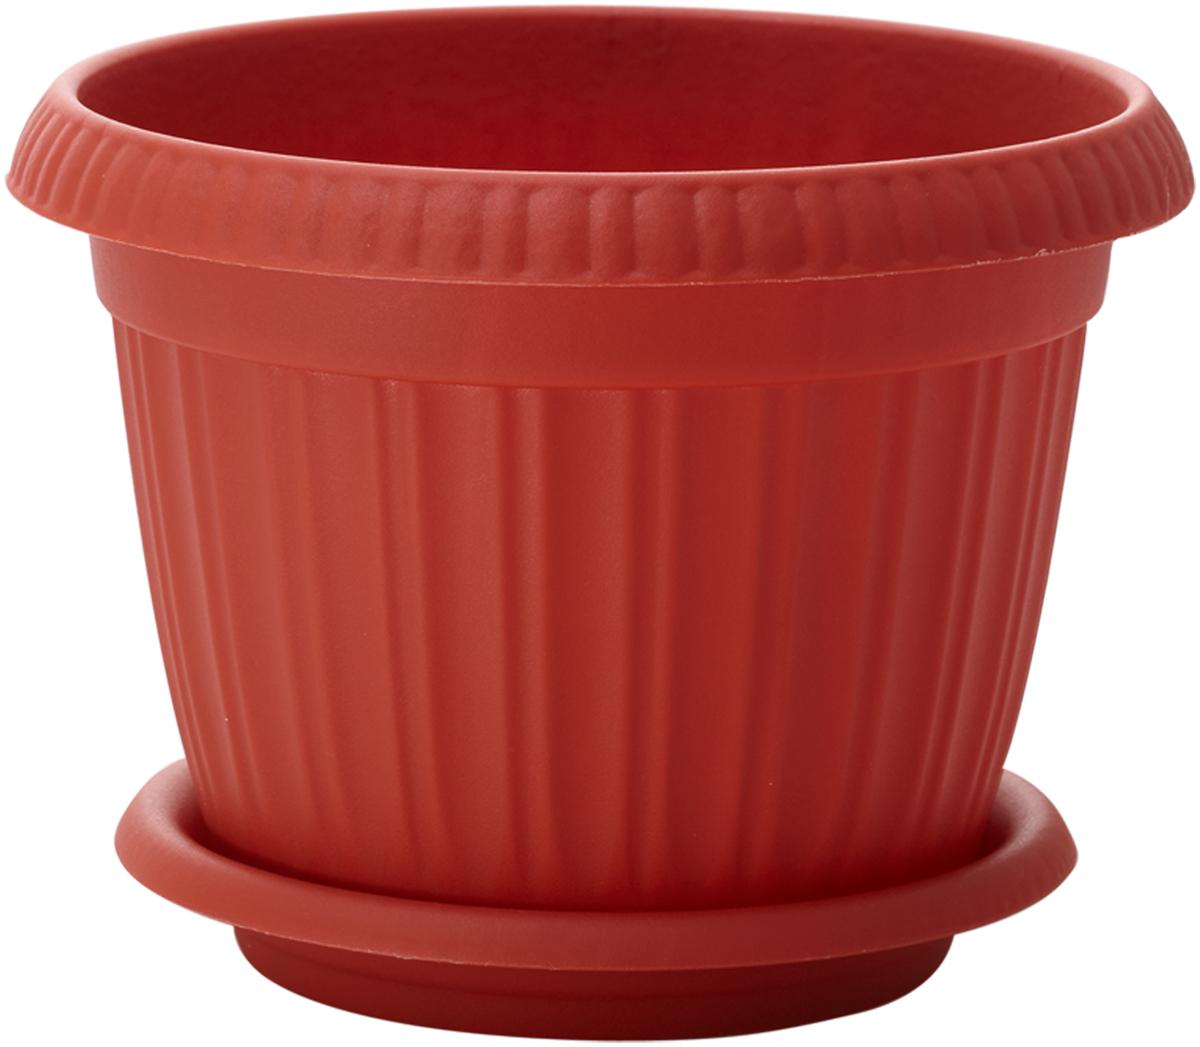 Горшок для цветов InGreen Таити, с подставкой, цвет: терракотовый, диаметр 33 см531-101Горшок InGreen Таити, выполненный из высококачественного полипропилена (пластика), предназначен для выращивания комнатных цветов, растений и трав. Специальная конструкция обеспечивает вентиляцию в корневой системе растения, а дренажные отверстия позволяют выходить лишней влаге из почвы. Такой горшок порадует вас современным дизайном и функциональностью, а также оригинально украсит интерьер любого помещения. Диаметр горшка (по верхнему краю): 33 см.Высота горшка: 25 см.